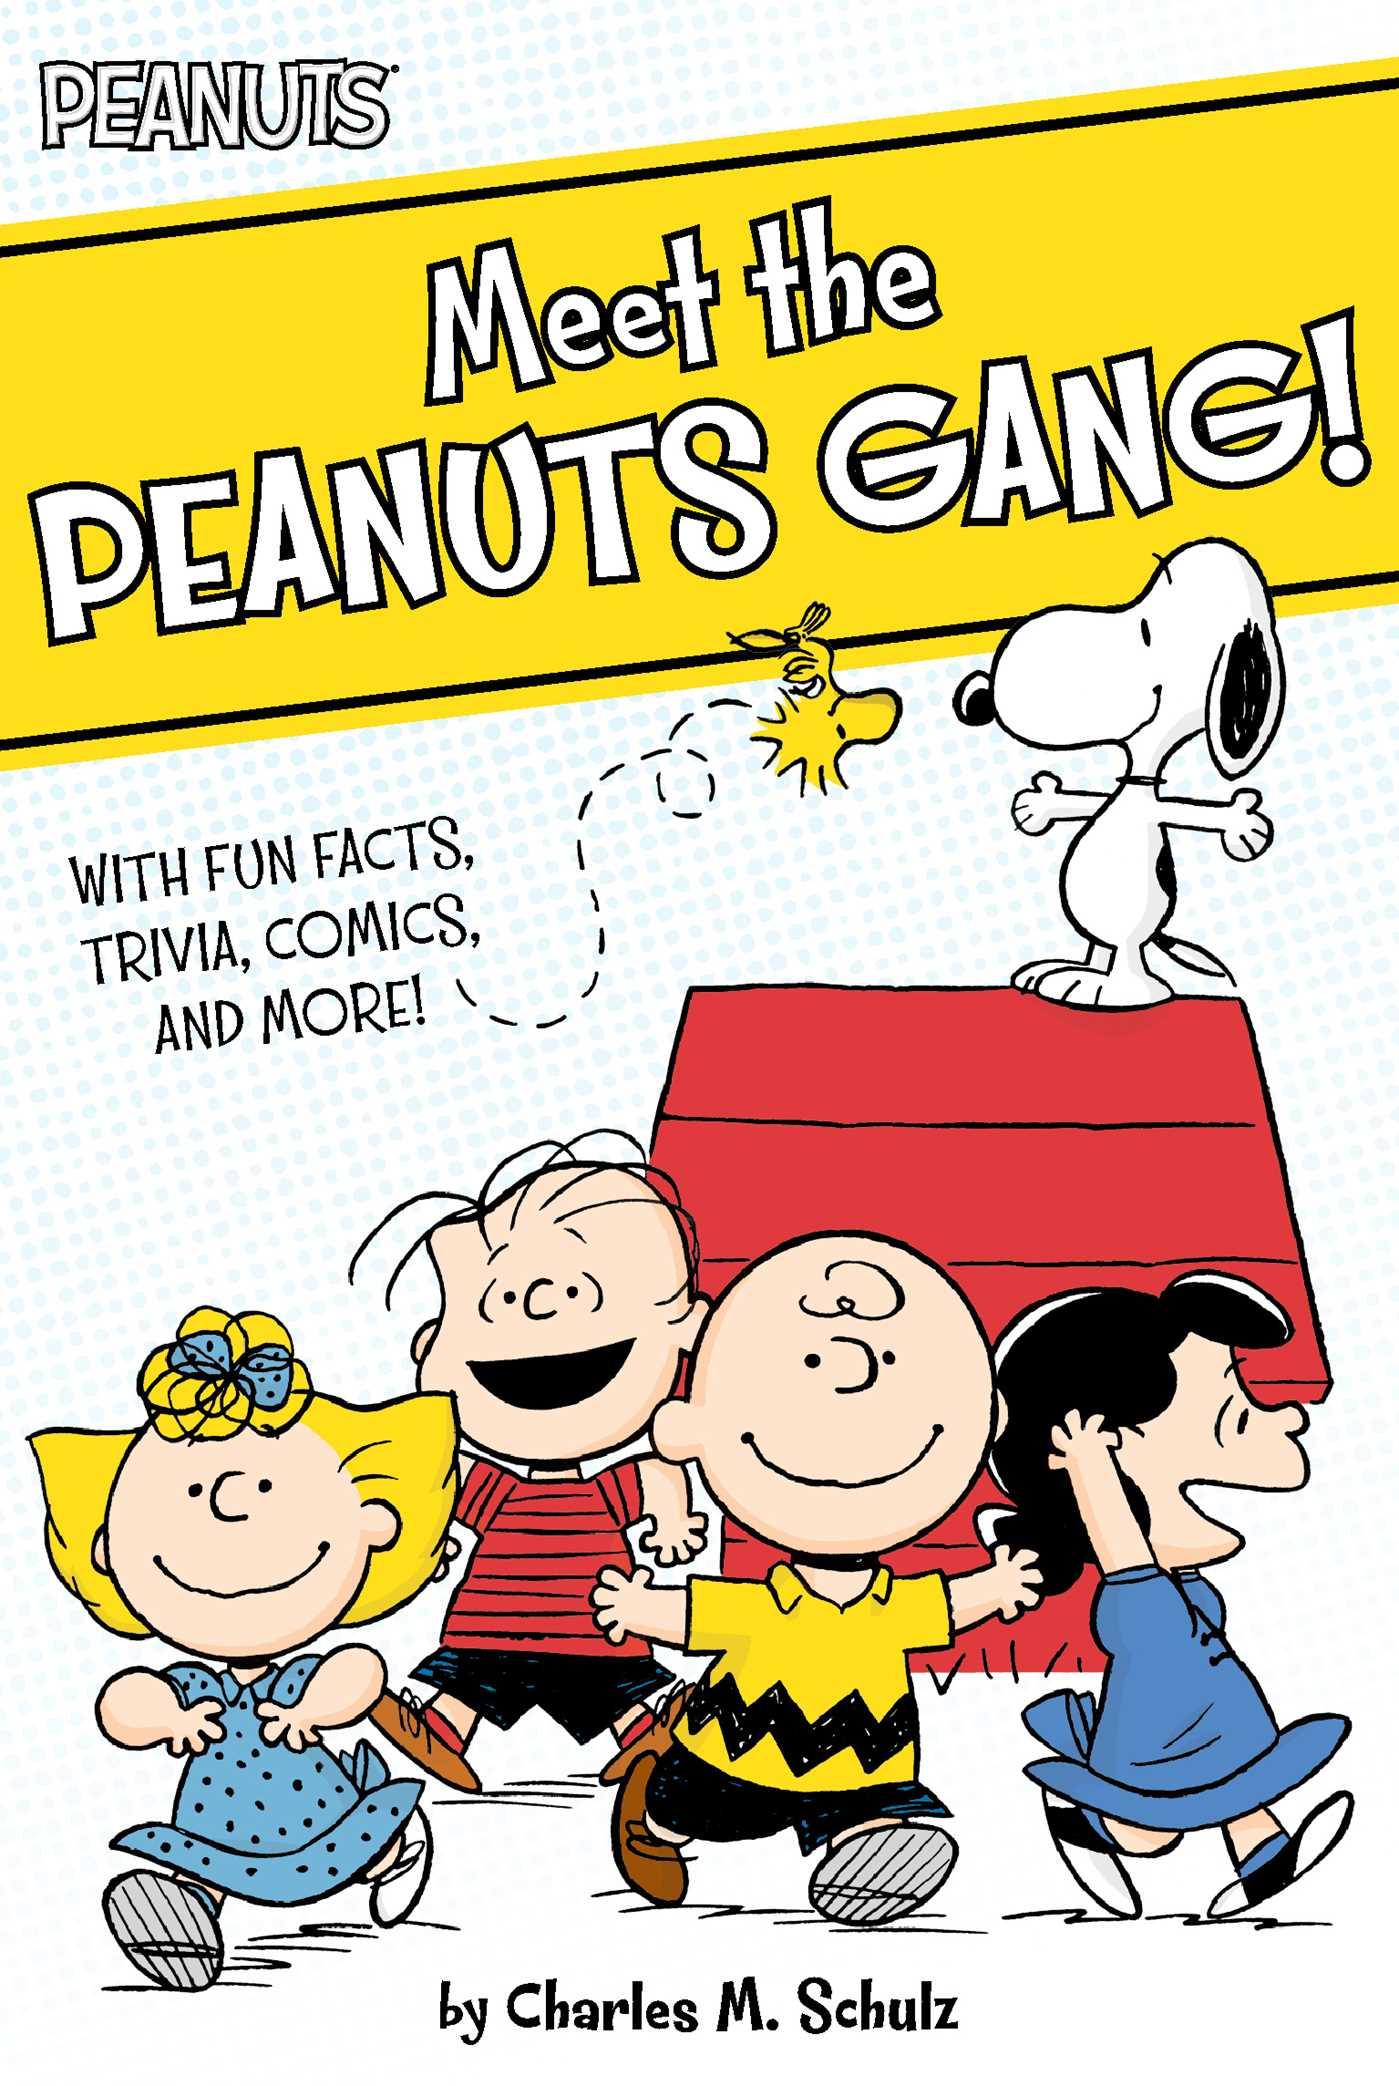 peanuts characters meet the gang